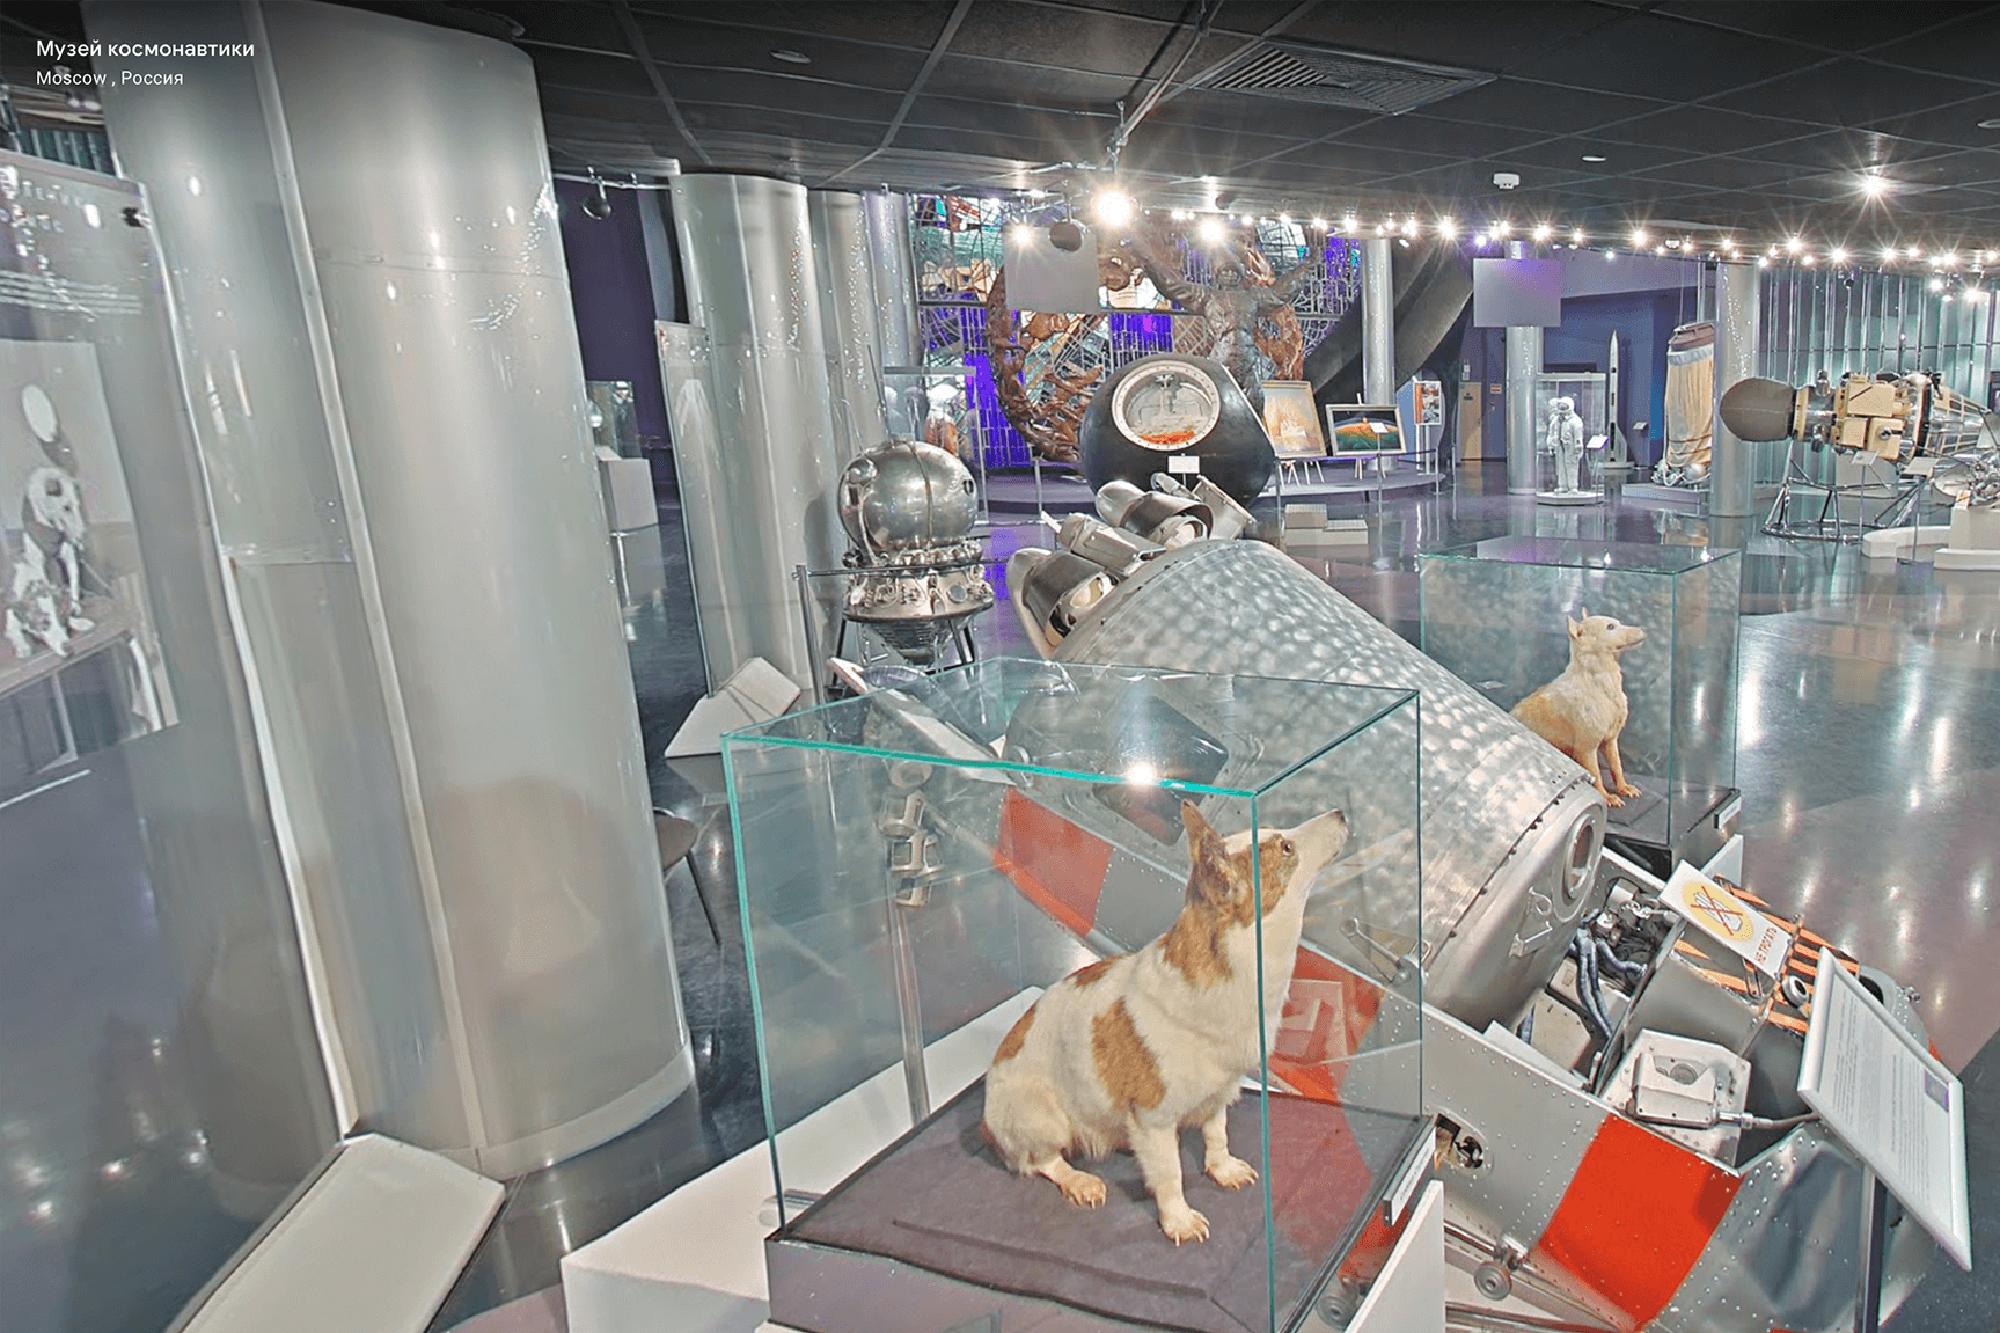 Белка и Стрелка не самые первые собаки в космосе, просто самые знаменитые